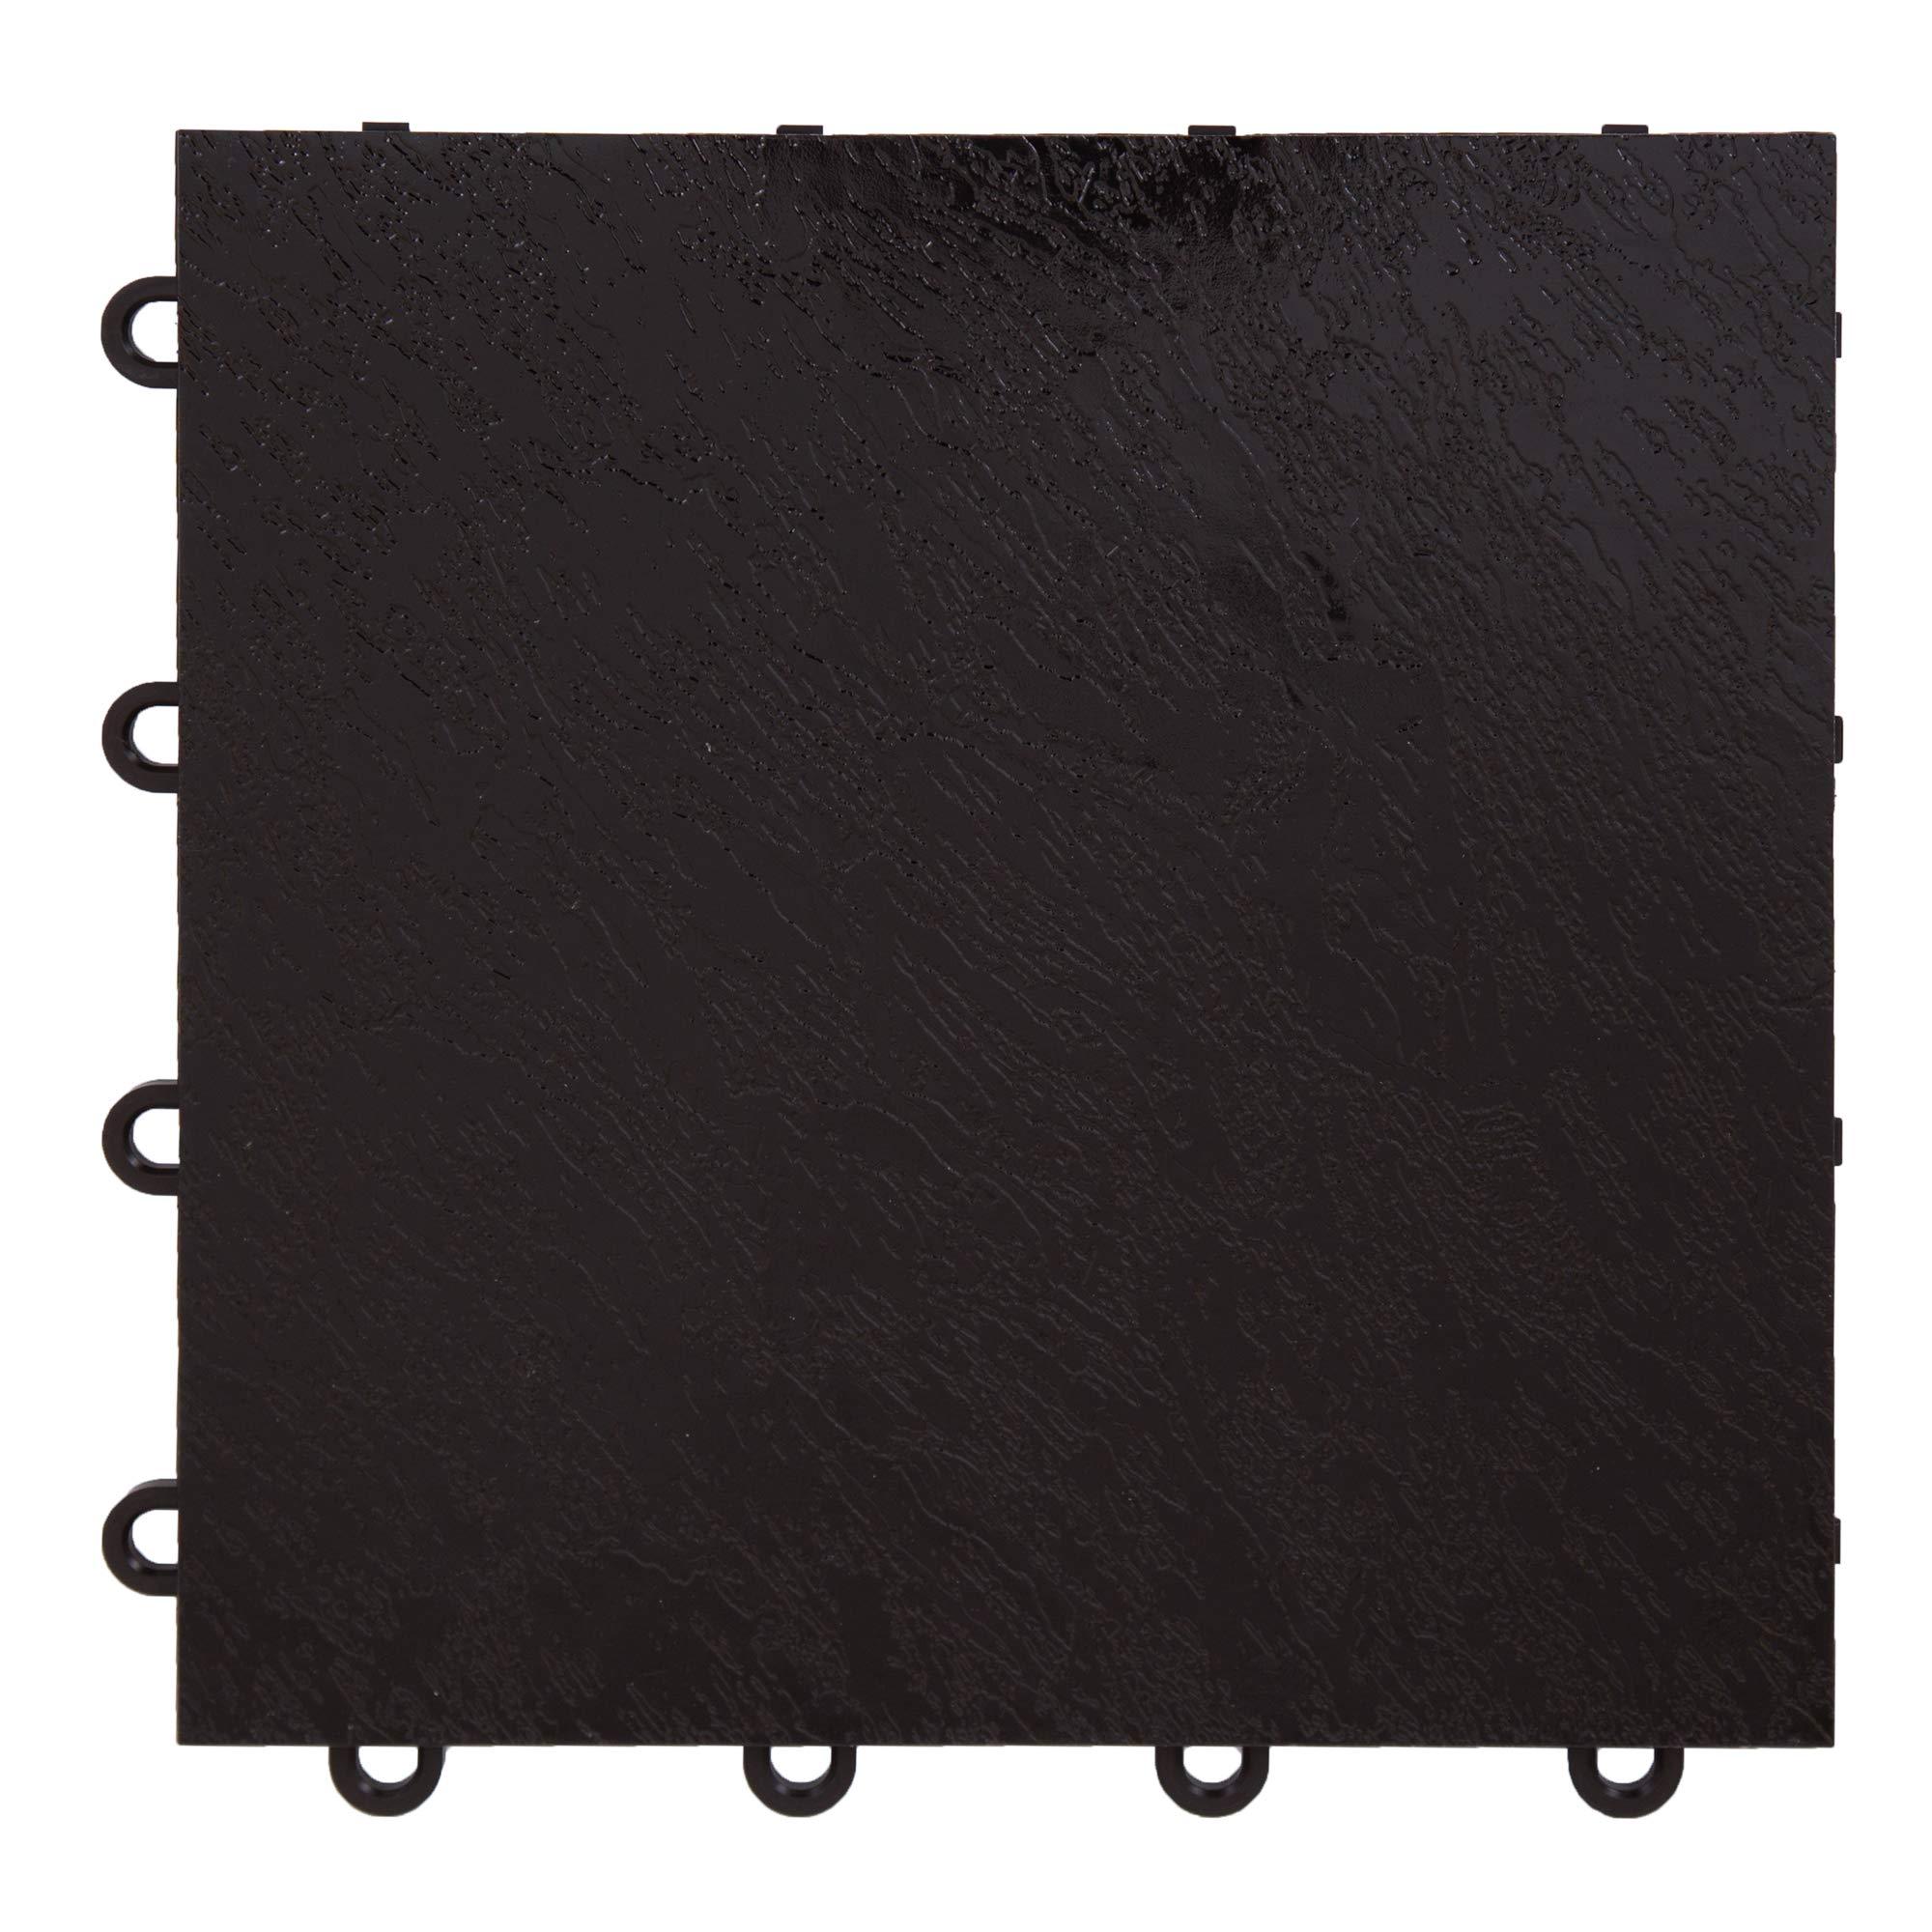 IncStores Black 12'' x 12'' Practice Dance Tiles (40-12''x12'' Tiles) by IncStores